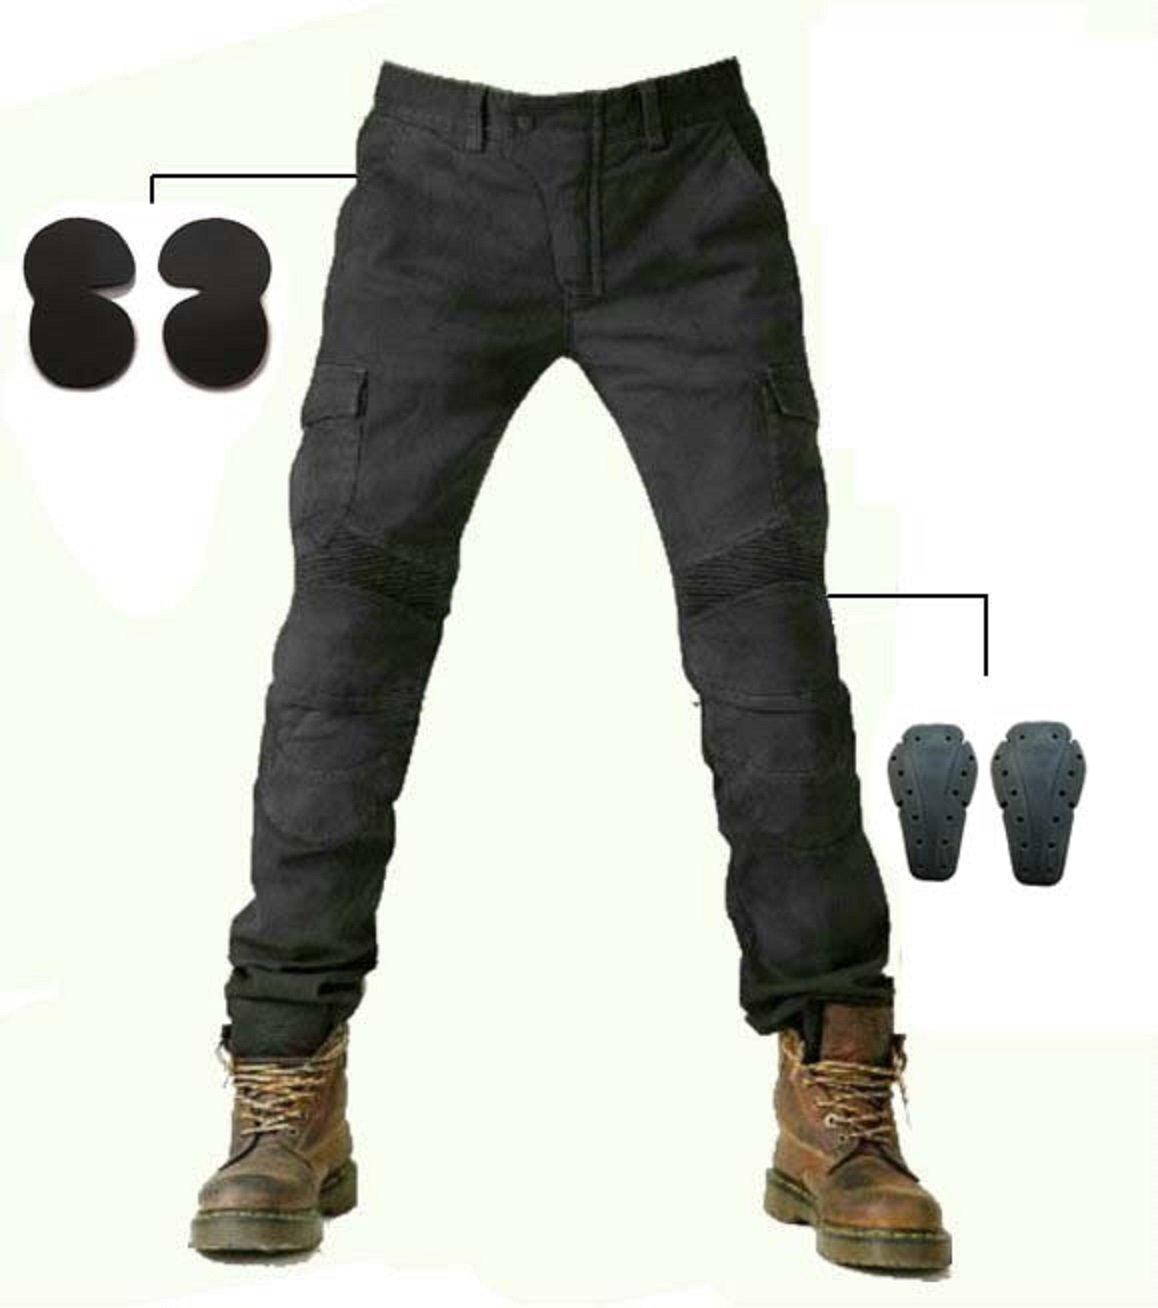 Alpha Rider Hommes Moto Pantalon d'É quitation Motocross Denim Jeans avec Proté ger Pads É quipement Racing Knight Pantalon Noir MotoFans